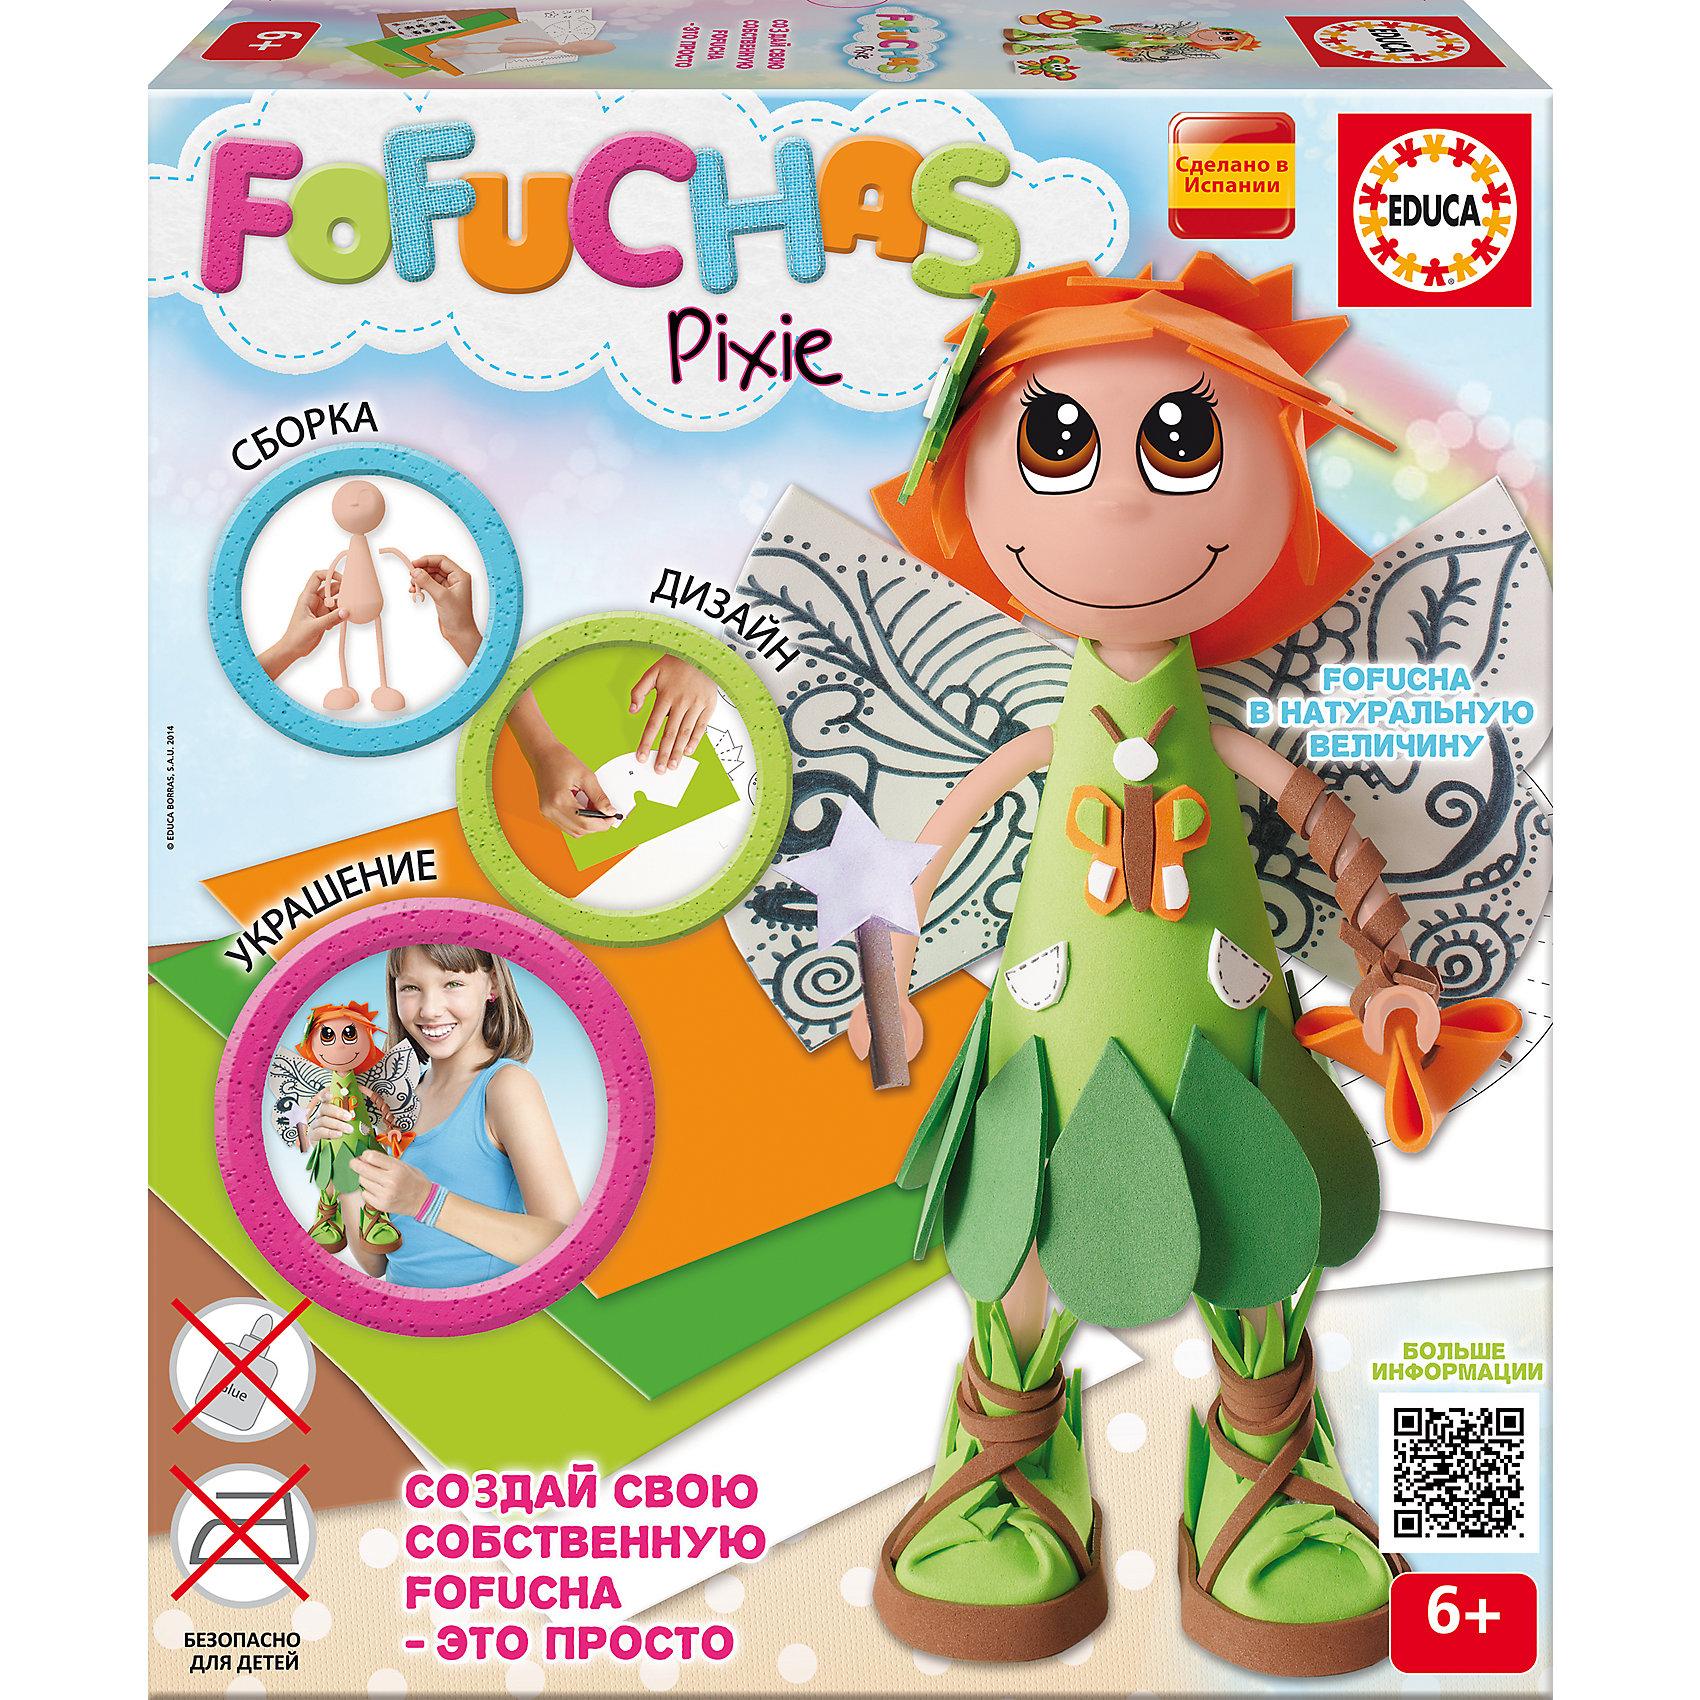 Набор для творчества в виде куклы Фофуча ПиксиРукоделие<br>Набор для творчества в виде куклы Фофуча Пикси – это набор в виде куклы в разобранном виде.<br>С помощью набора для творчества Фофуча Пикси маленькие мастерицы смогут создать милую и симпатичную куколку Пикси. Слово Фофуча пришло из Бразилии и означает милая и симпатичная, так же называется и эти привлекательные куколки с длинными ногами и круглыми головами. Каждая Fofucha (Фофуча) так же уникальна, как и человек, ее создавший. Создать свою яркую, веселую, забавную и жизнерадостную Fofucha - это просто!<br><br>Дополнительная информация:<br><br>- В наборе: сборное тело куклы из пластика, 5 листов ЭВА, скотч, схемы, картонные детали, самоклеящиеся глаза и рот, инструкция<br>- Материал: пластик, ЭВА, картон, бумага, полимерный материал<br>- Не требуется утюга и клея<br>- Упаковка: картонная коробка<br>- Размер упаковки: 330x290x70 мм.<br>- Вес: 644 гр.<br><br>Набор для творчества в виде куклы Фофуча Пикси можно купить в нашем интернет-магазине.<br><br>Ширина мм: 335<br>Глубина мм: 295<br>Высота мм: 72<br>Вес г: 650<br>Возраст от месяцев: 72<br>Возраст до месяцев: 168<br>Пол: Женский<br>Возраст: Детский<br>SKU: 4316588